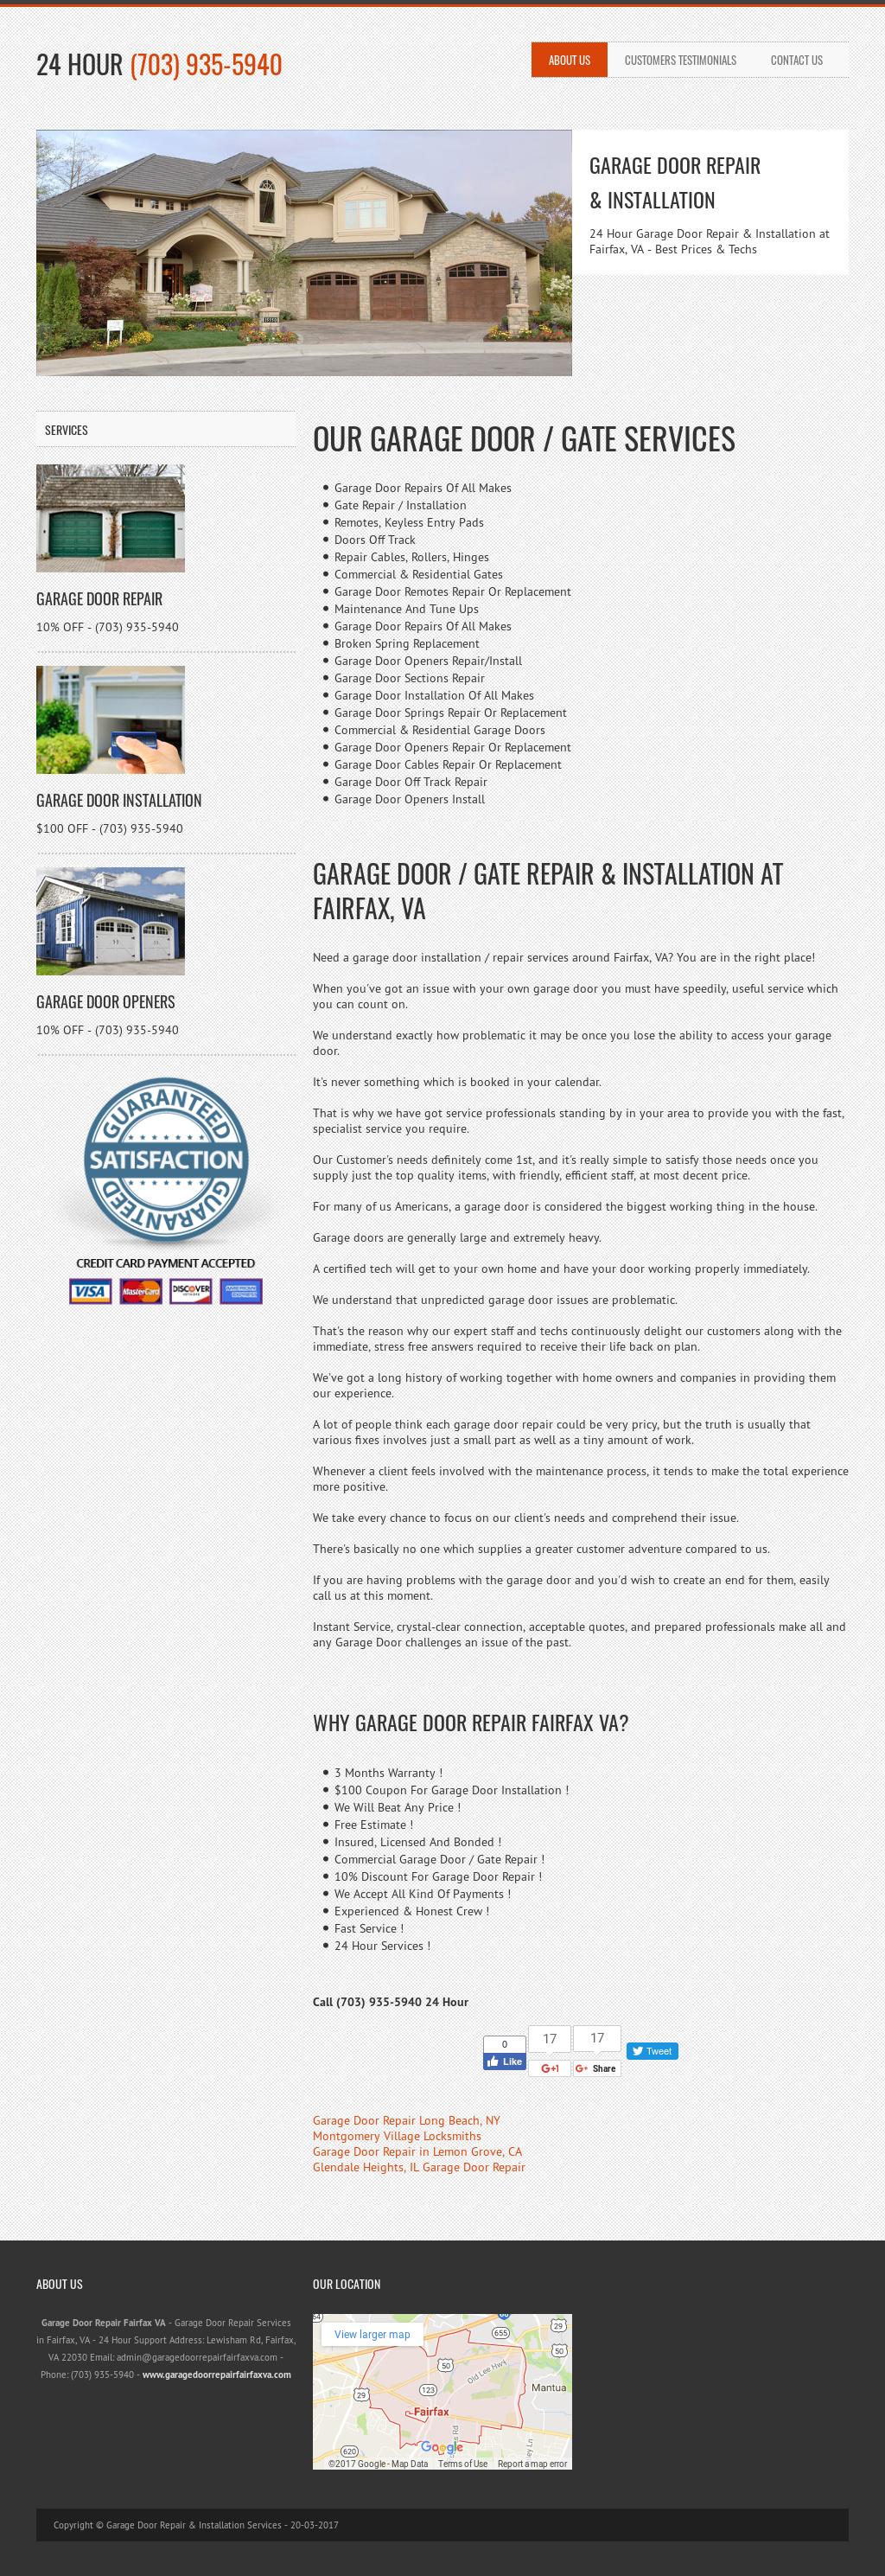 Garage Door Repair Fairfax Va Website History